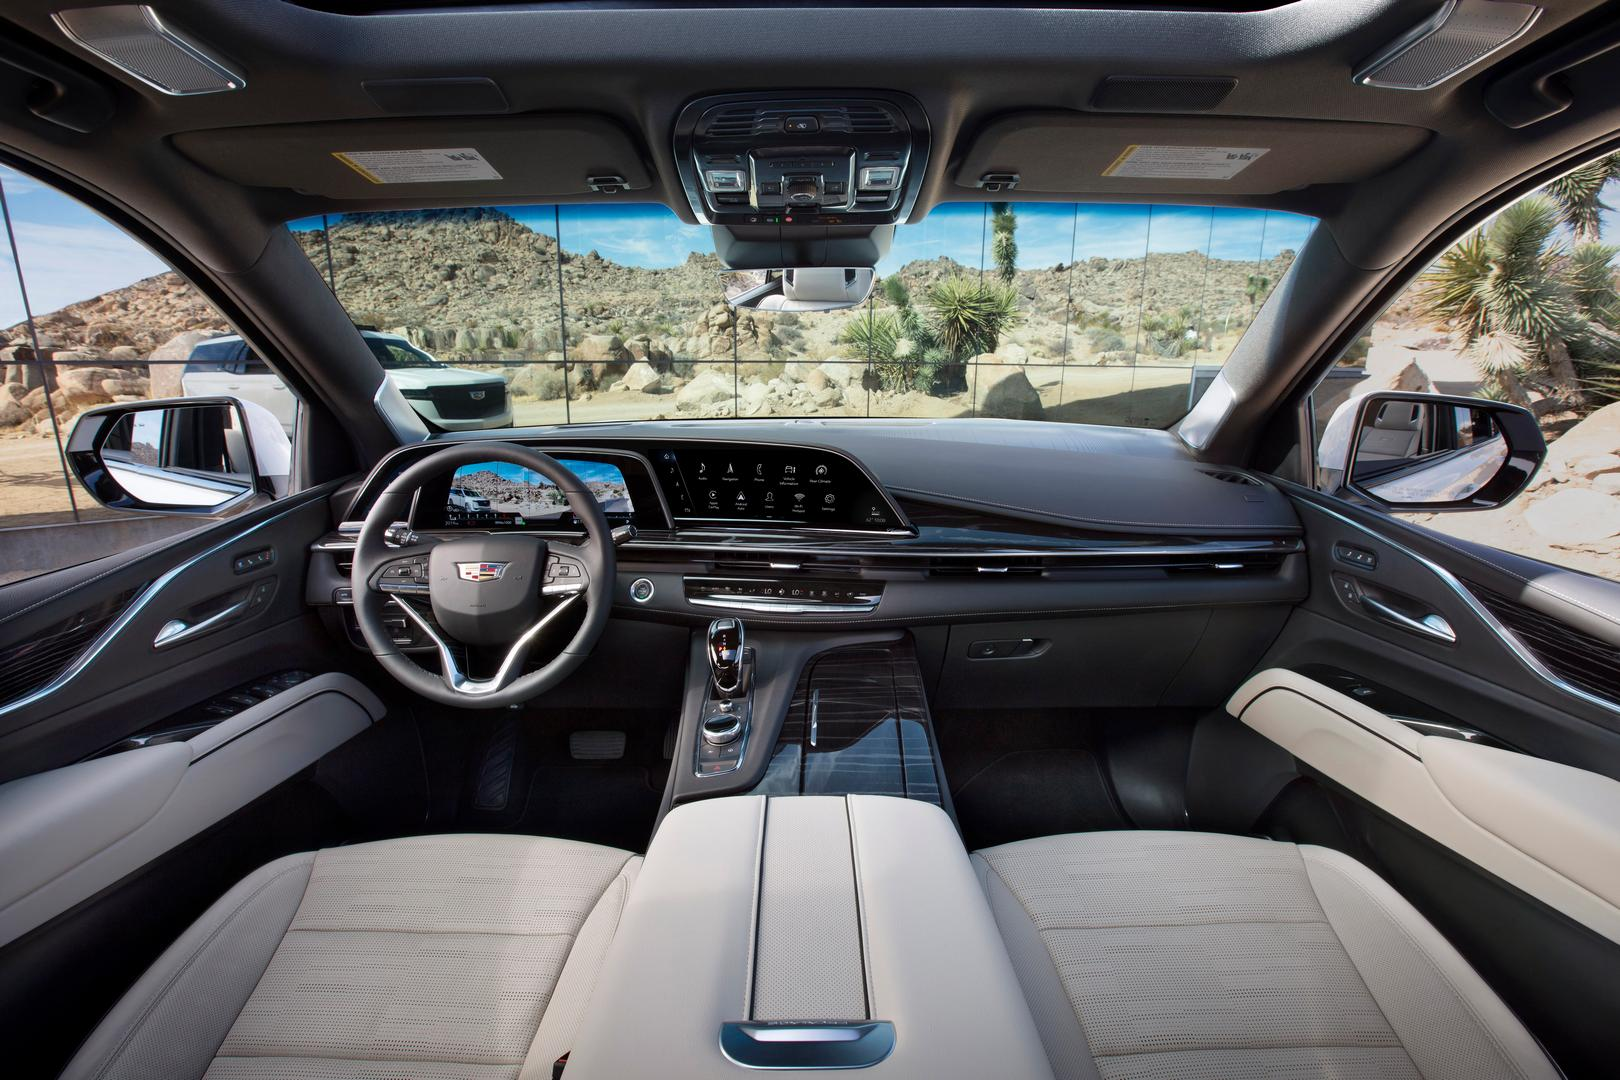 2021 Cadillac Escalade Cabin